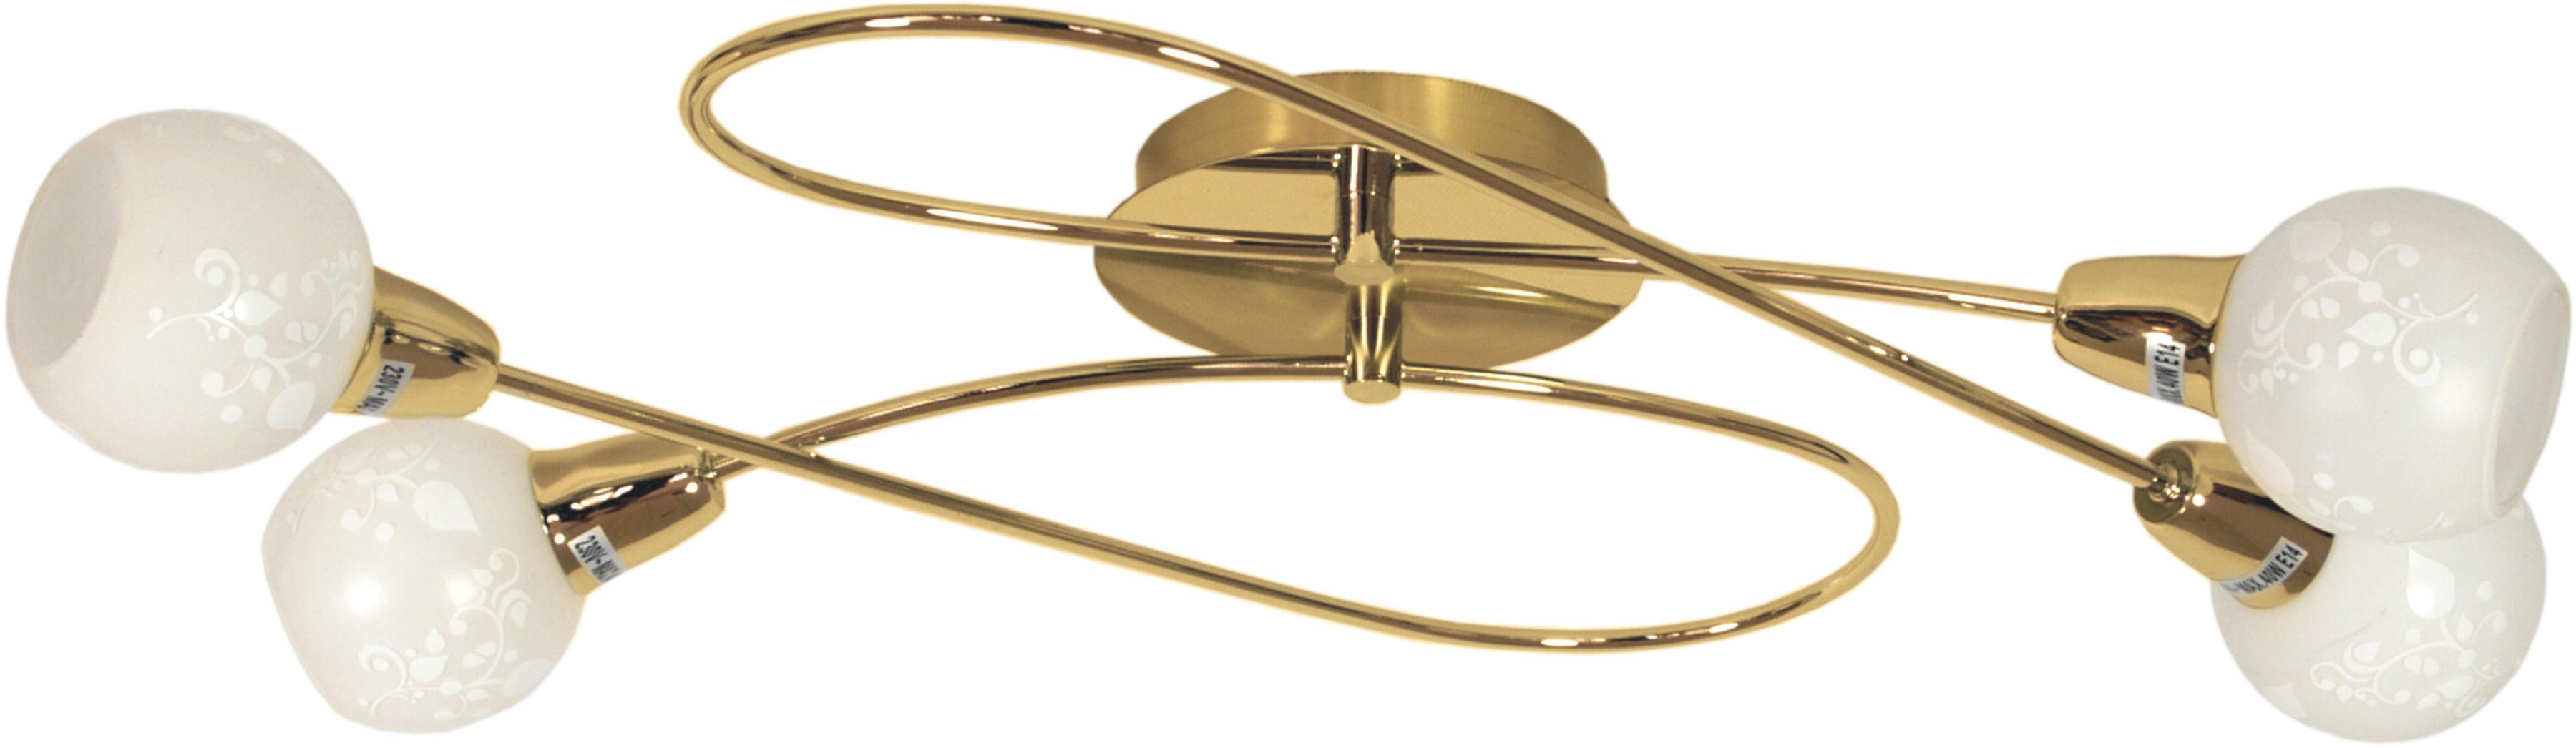 Candellux AVILA 98-07148 plafon lampa sufitowa mosiądz szklany klosz 4X40W E14 62cm